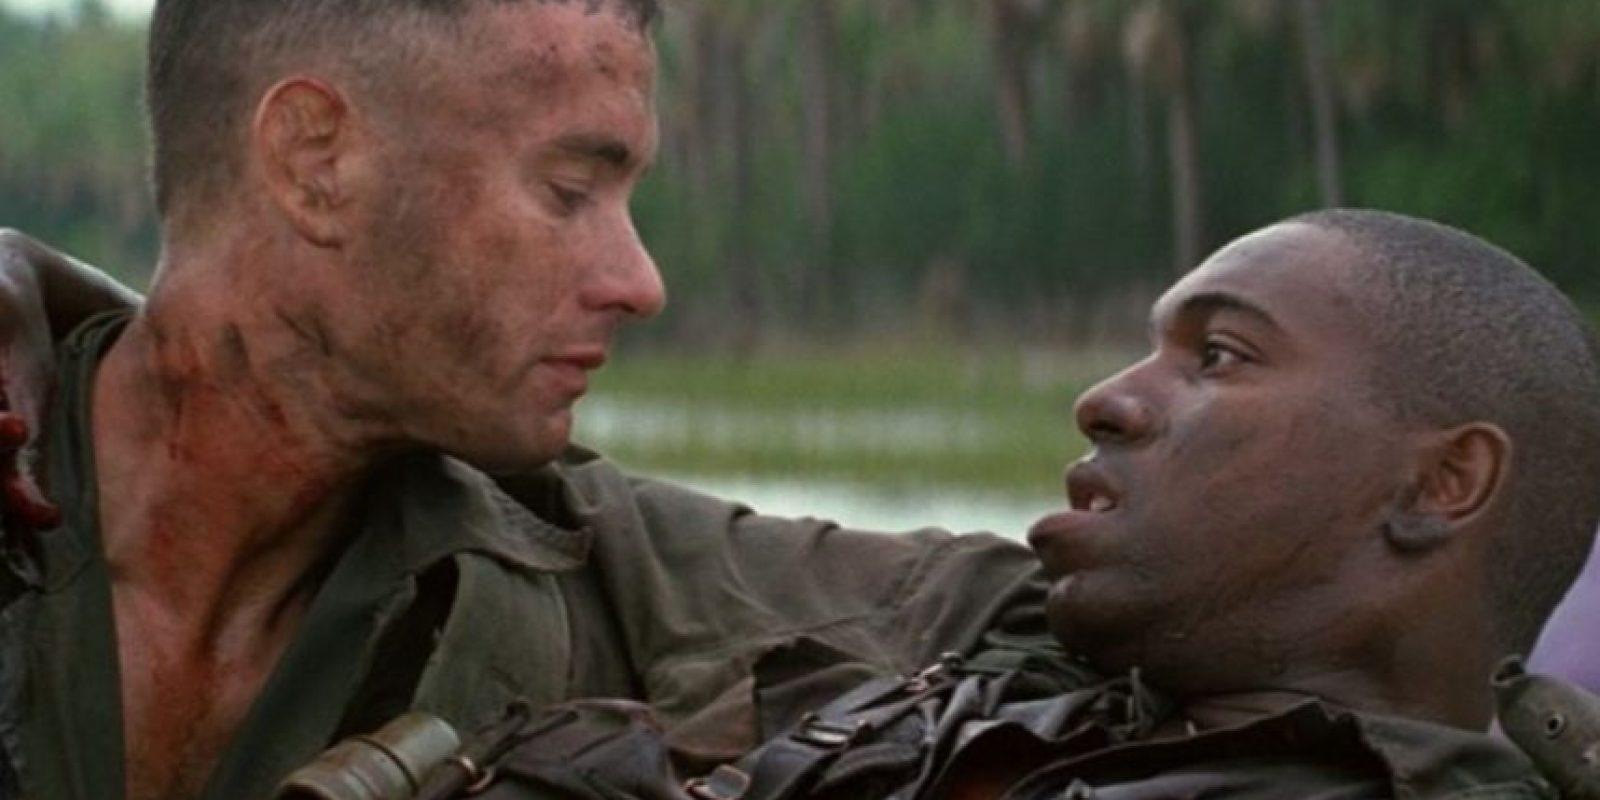 """2- La cinta """"Forrest Gump"""" está basada en la novela homónima del escritor Winston Groom. La película ganó en 1994 los Óscares a mejor película, mejor director, mejor actor, mejor guion adaptado, mejores efectos visuales y mejor montaje. Foto:Paramount Pictures"""